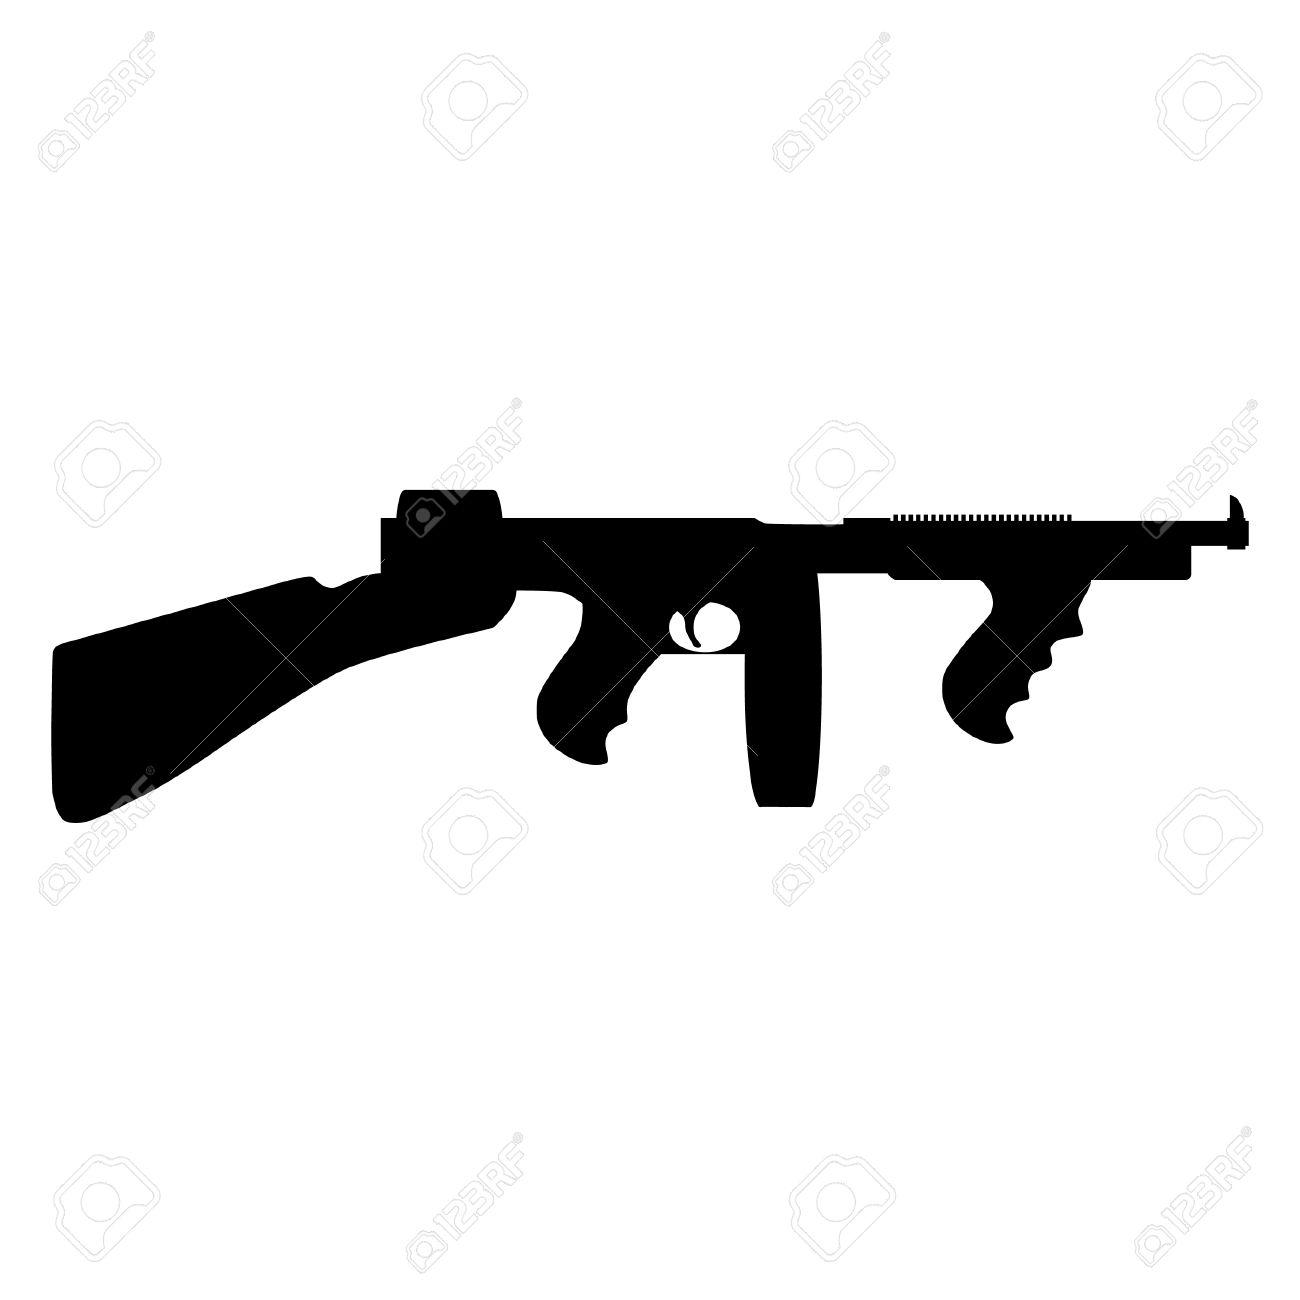 black silhouette of automatic weapon tommy gun thompson submachine rh 123rf com cris vector gun kriss vector gun